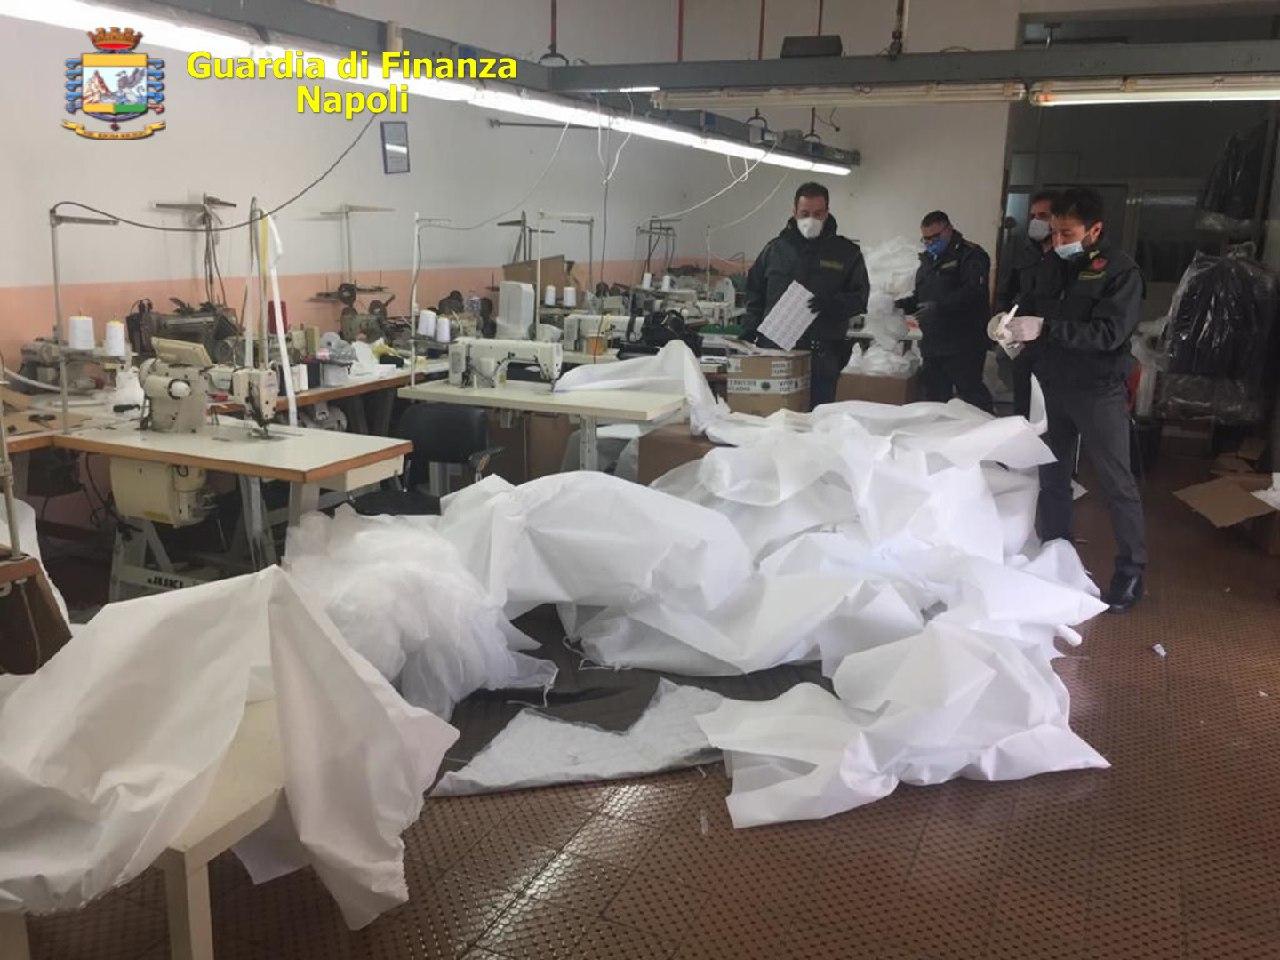 Succivo, Caserta: finanzieri sequestrano fabbrica e 4 mila mascherine per bambini